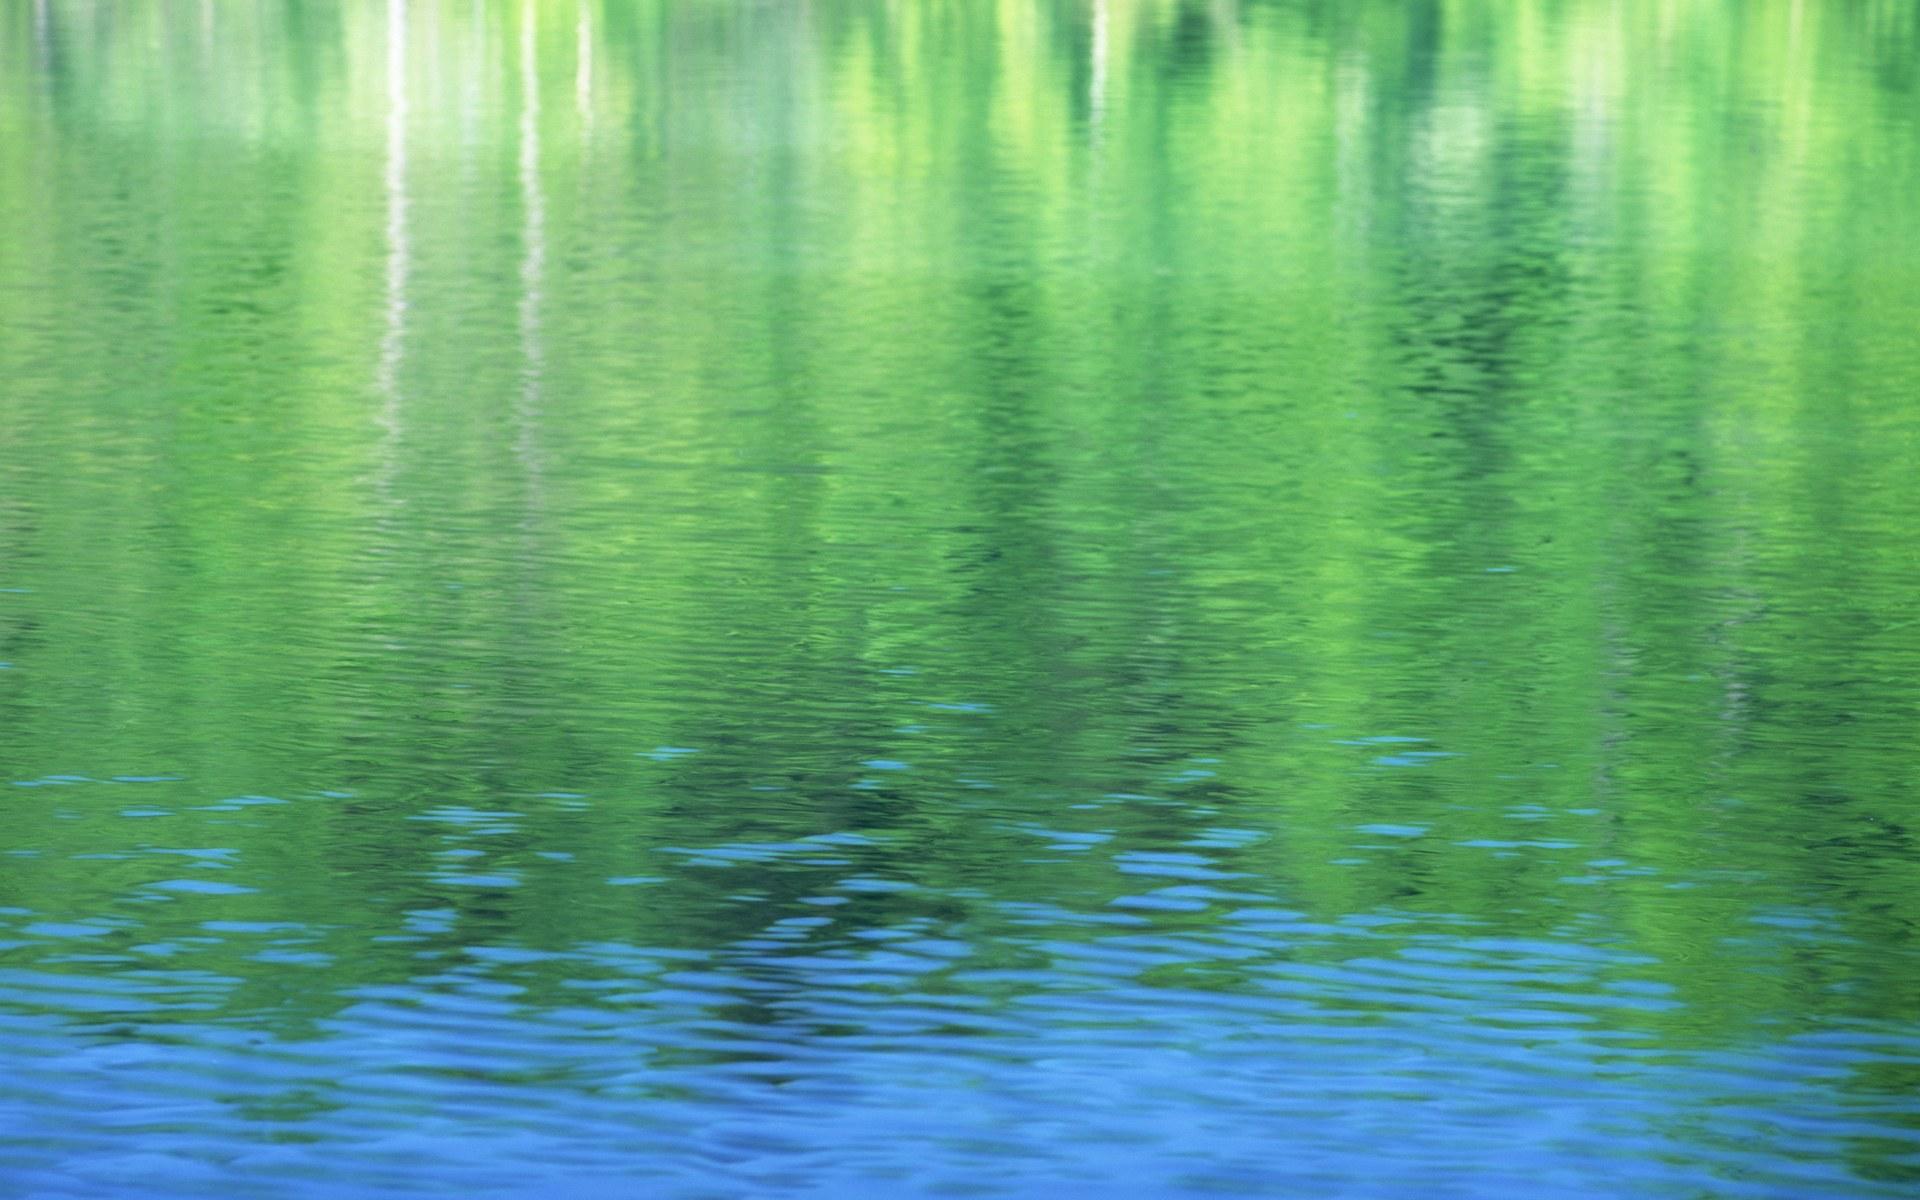 綠色的養眼壁紙(高清)